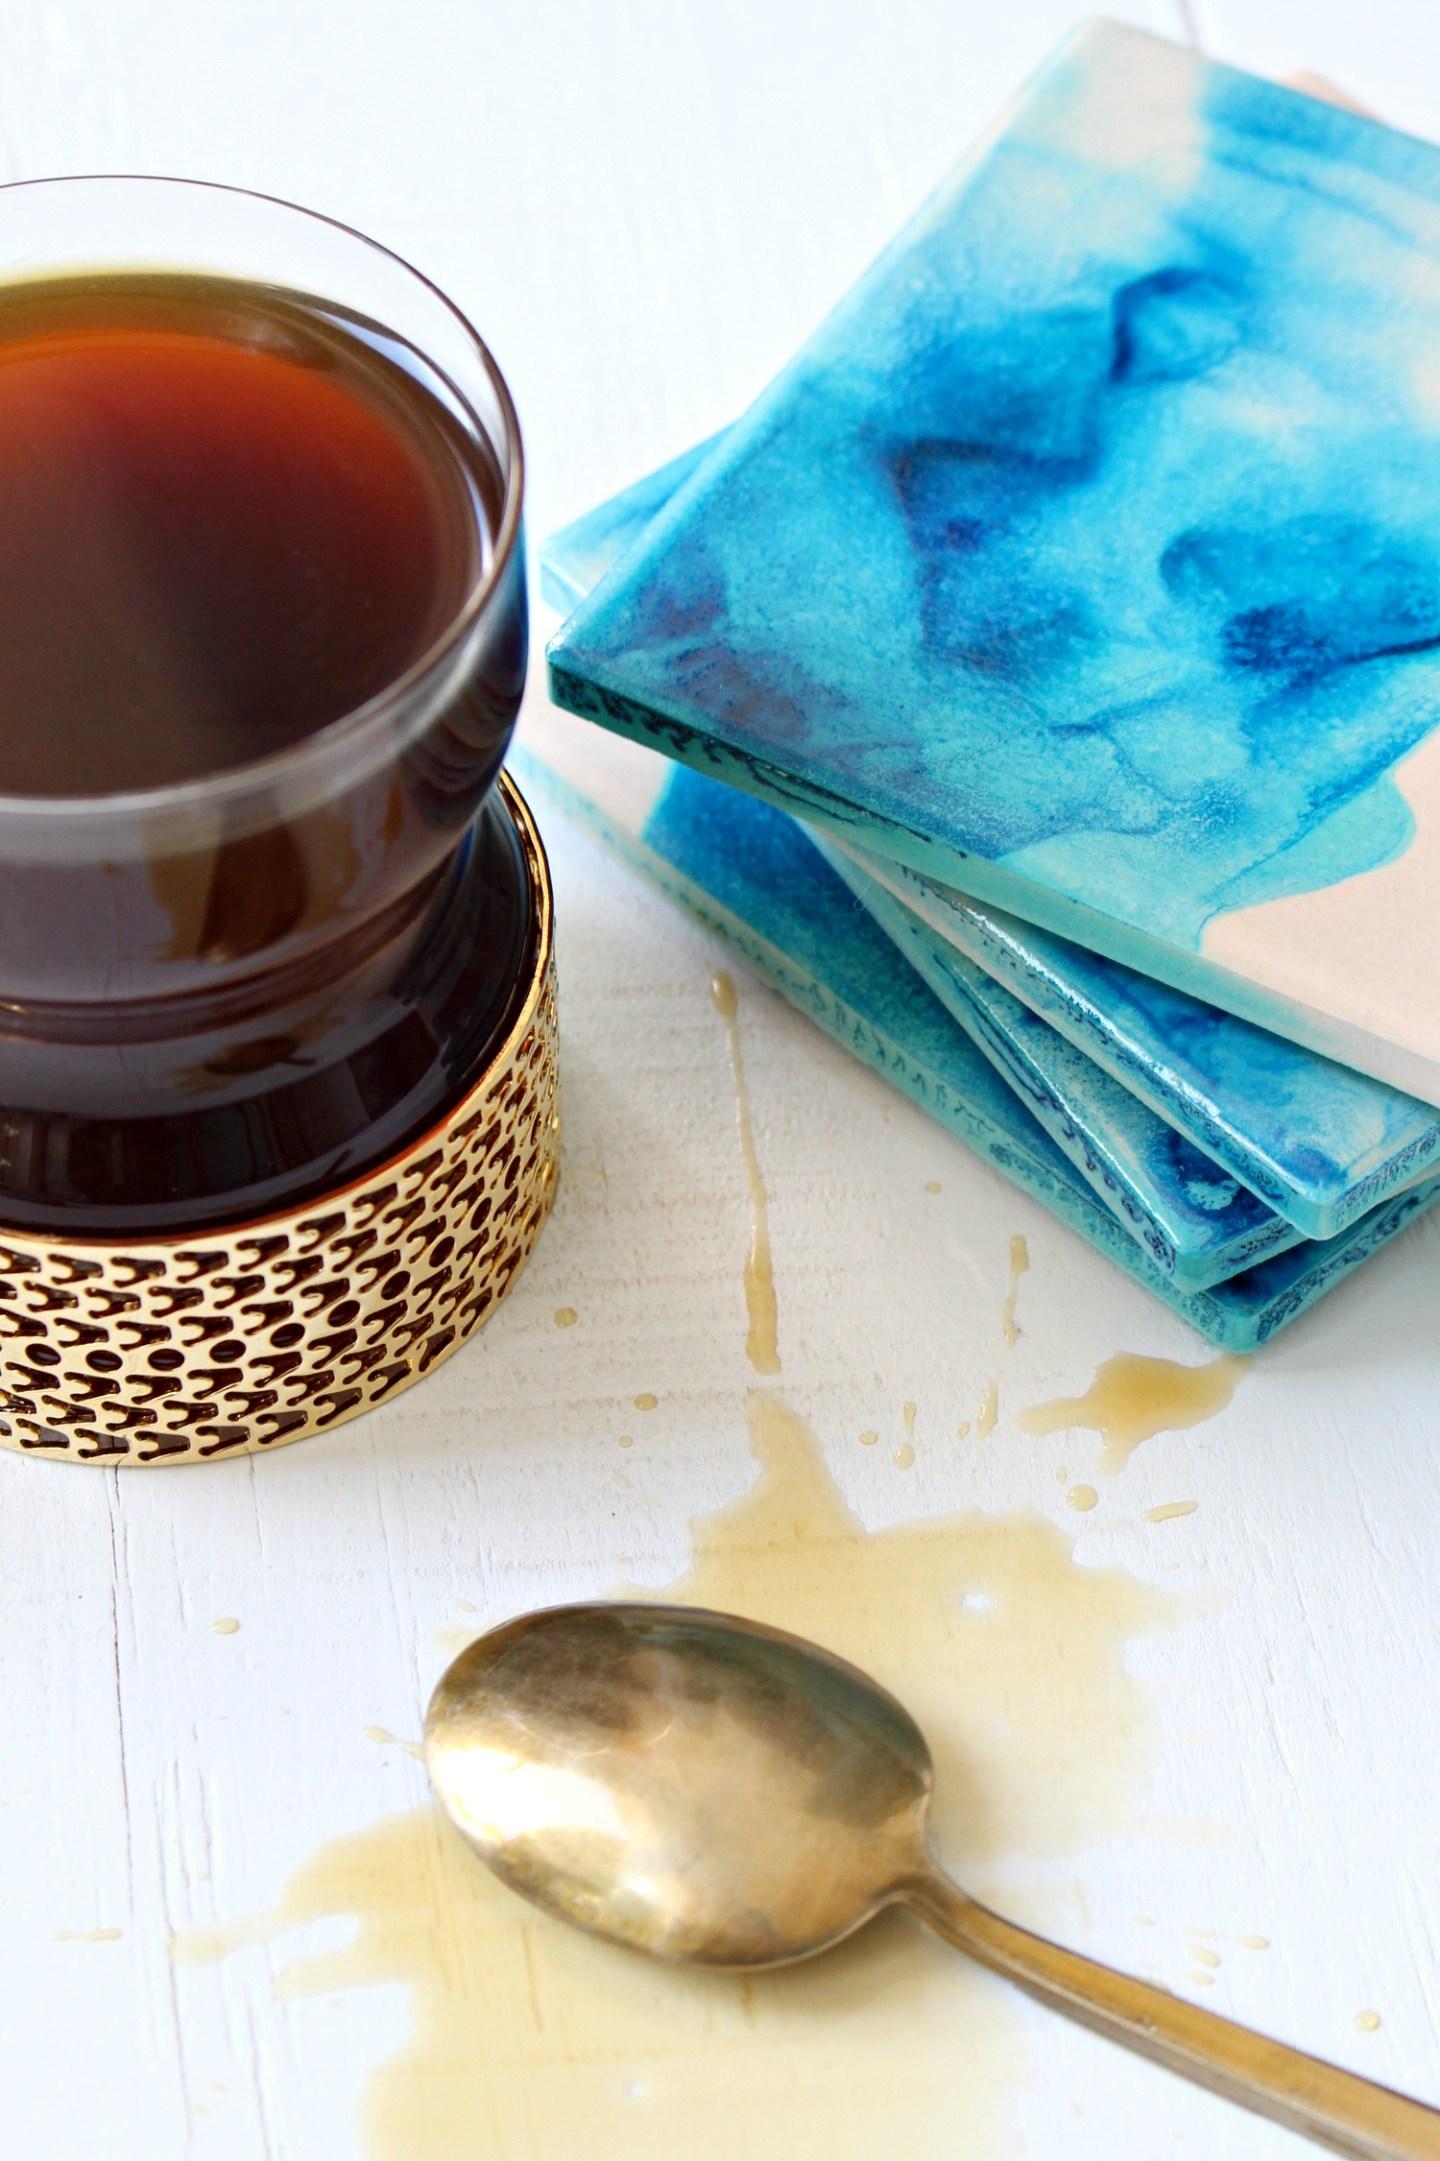 DIY Alcohol Ink Project Idea: Watercolor Coasters!